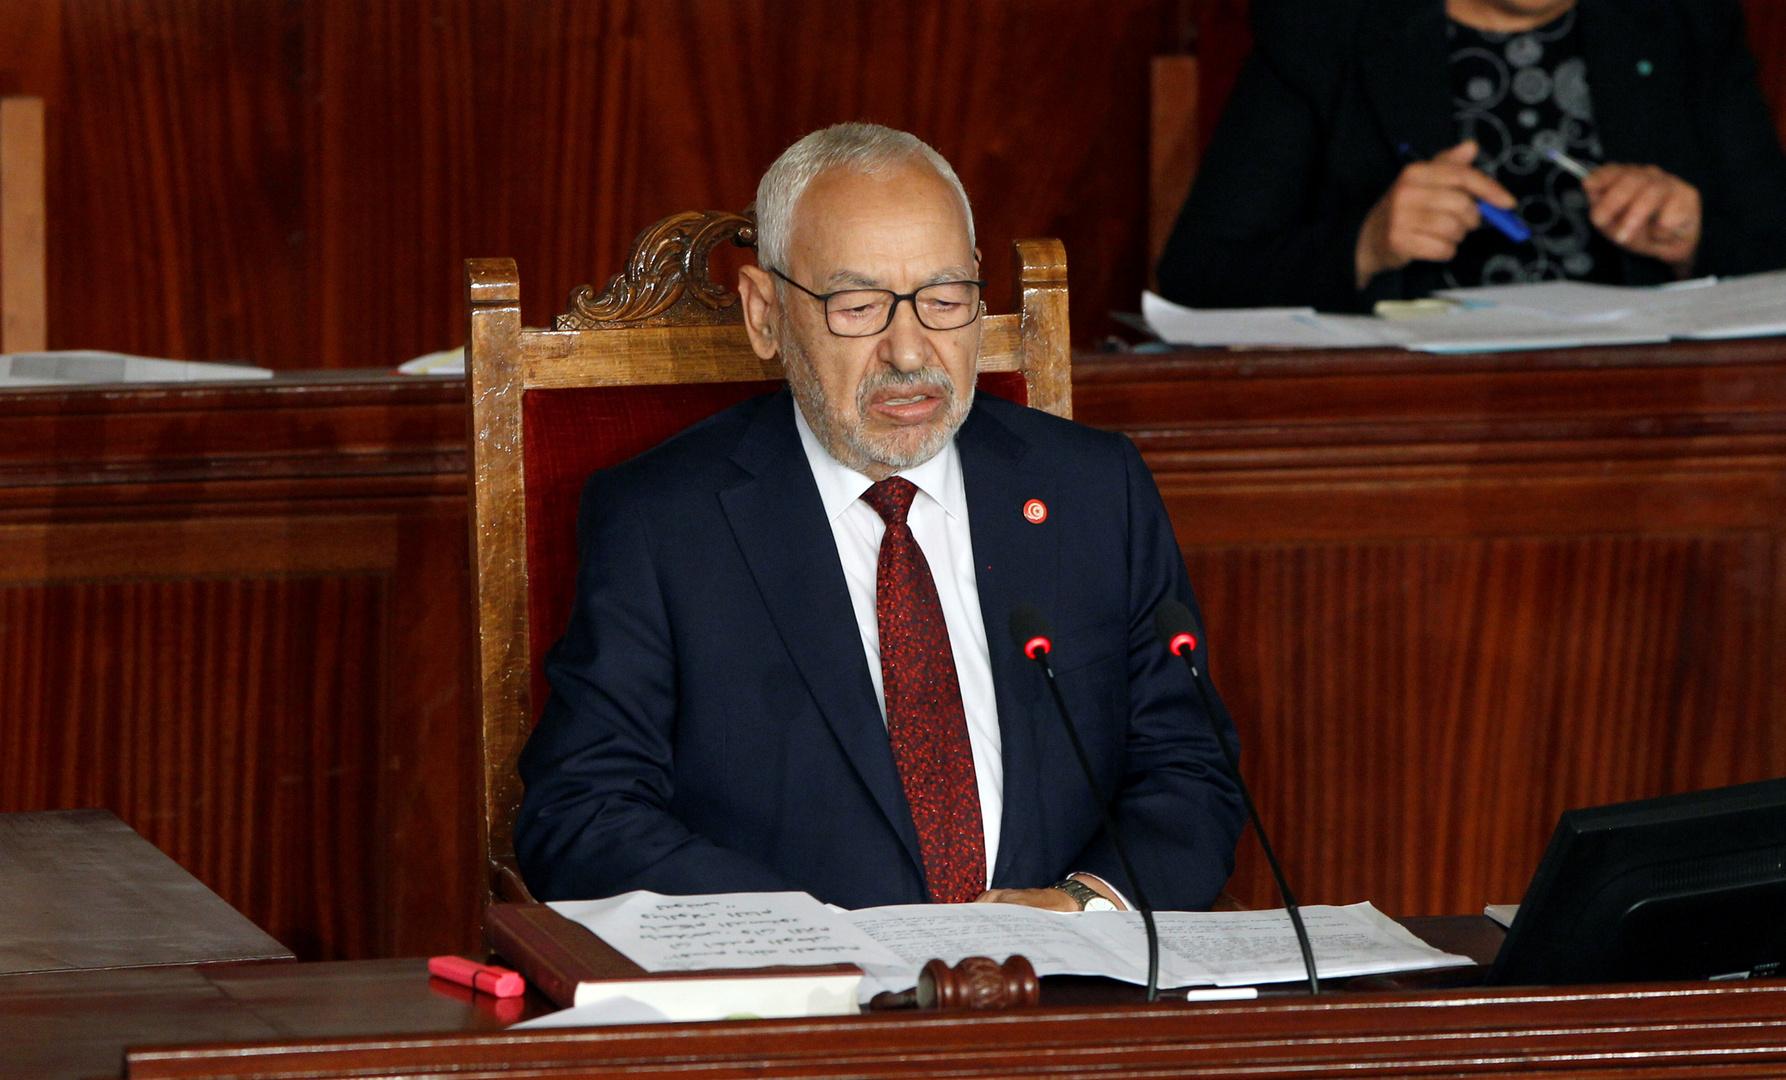 راشد الغنوشي، رئيس البرلمان التونسي وزعيم حركة